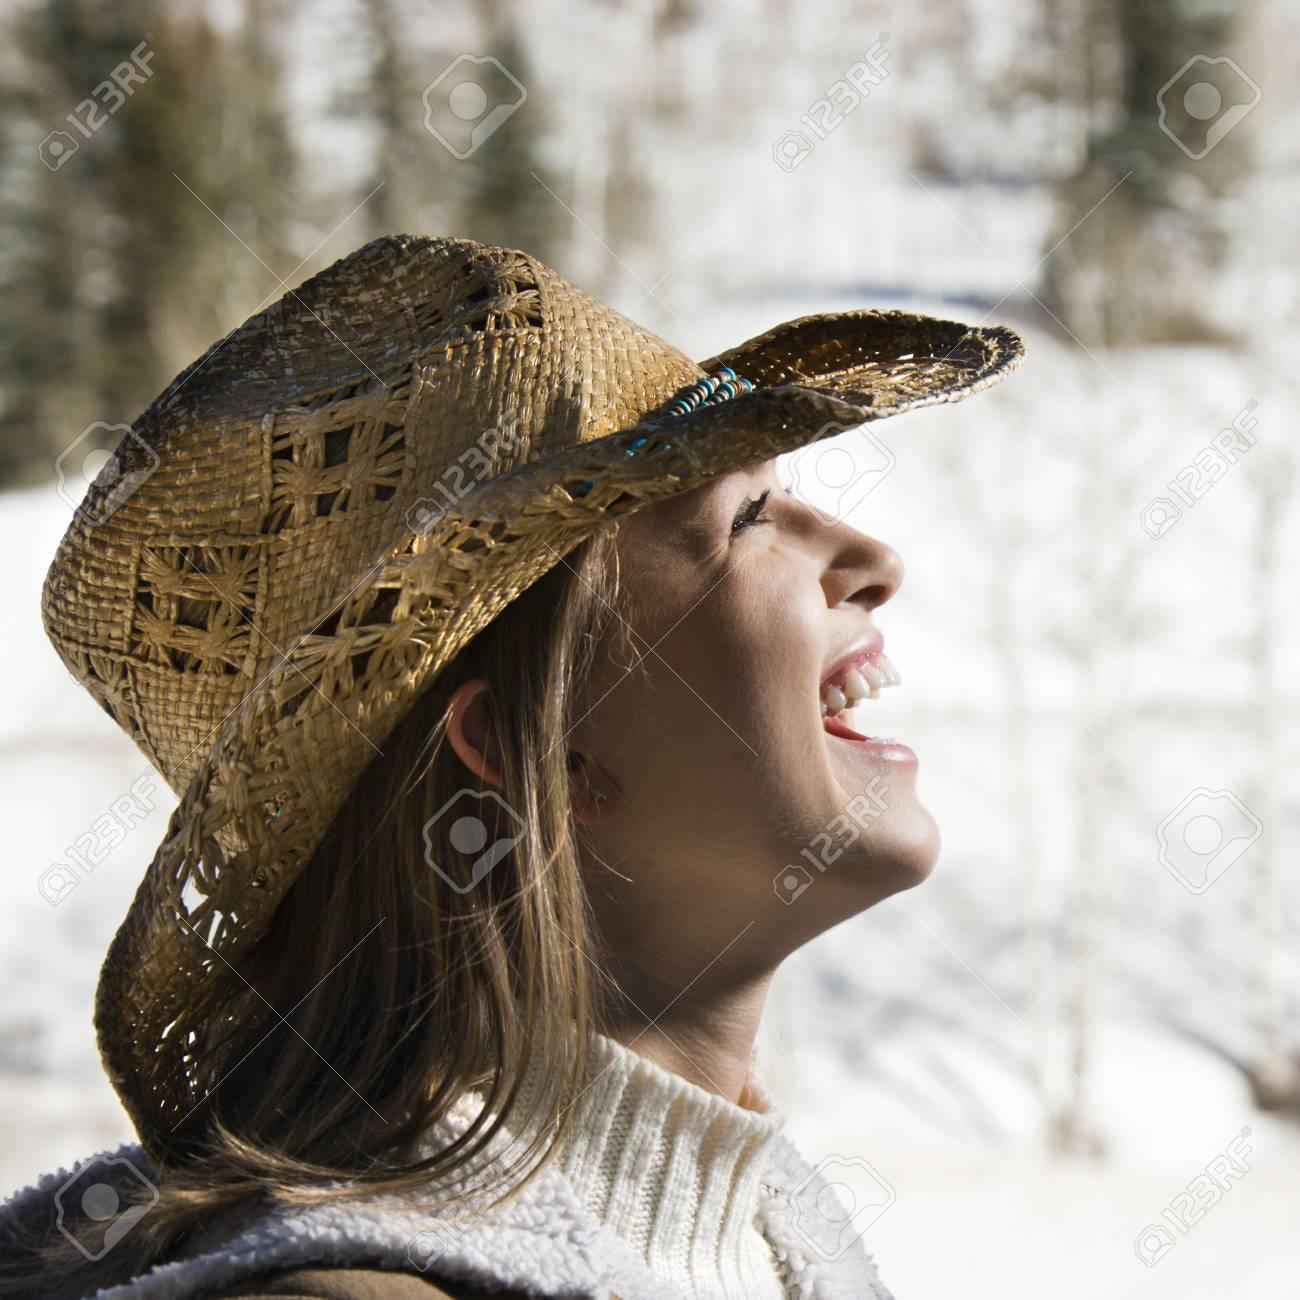 1e7a9825b6 Foto de archivo - Joven mujer de raza caucásica risa usar sombrero vaquero  al aire libre en invierno.